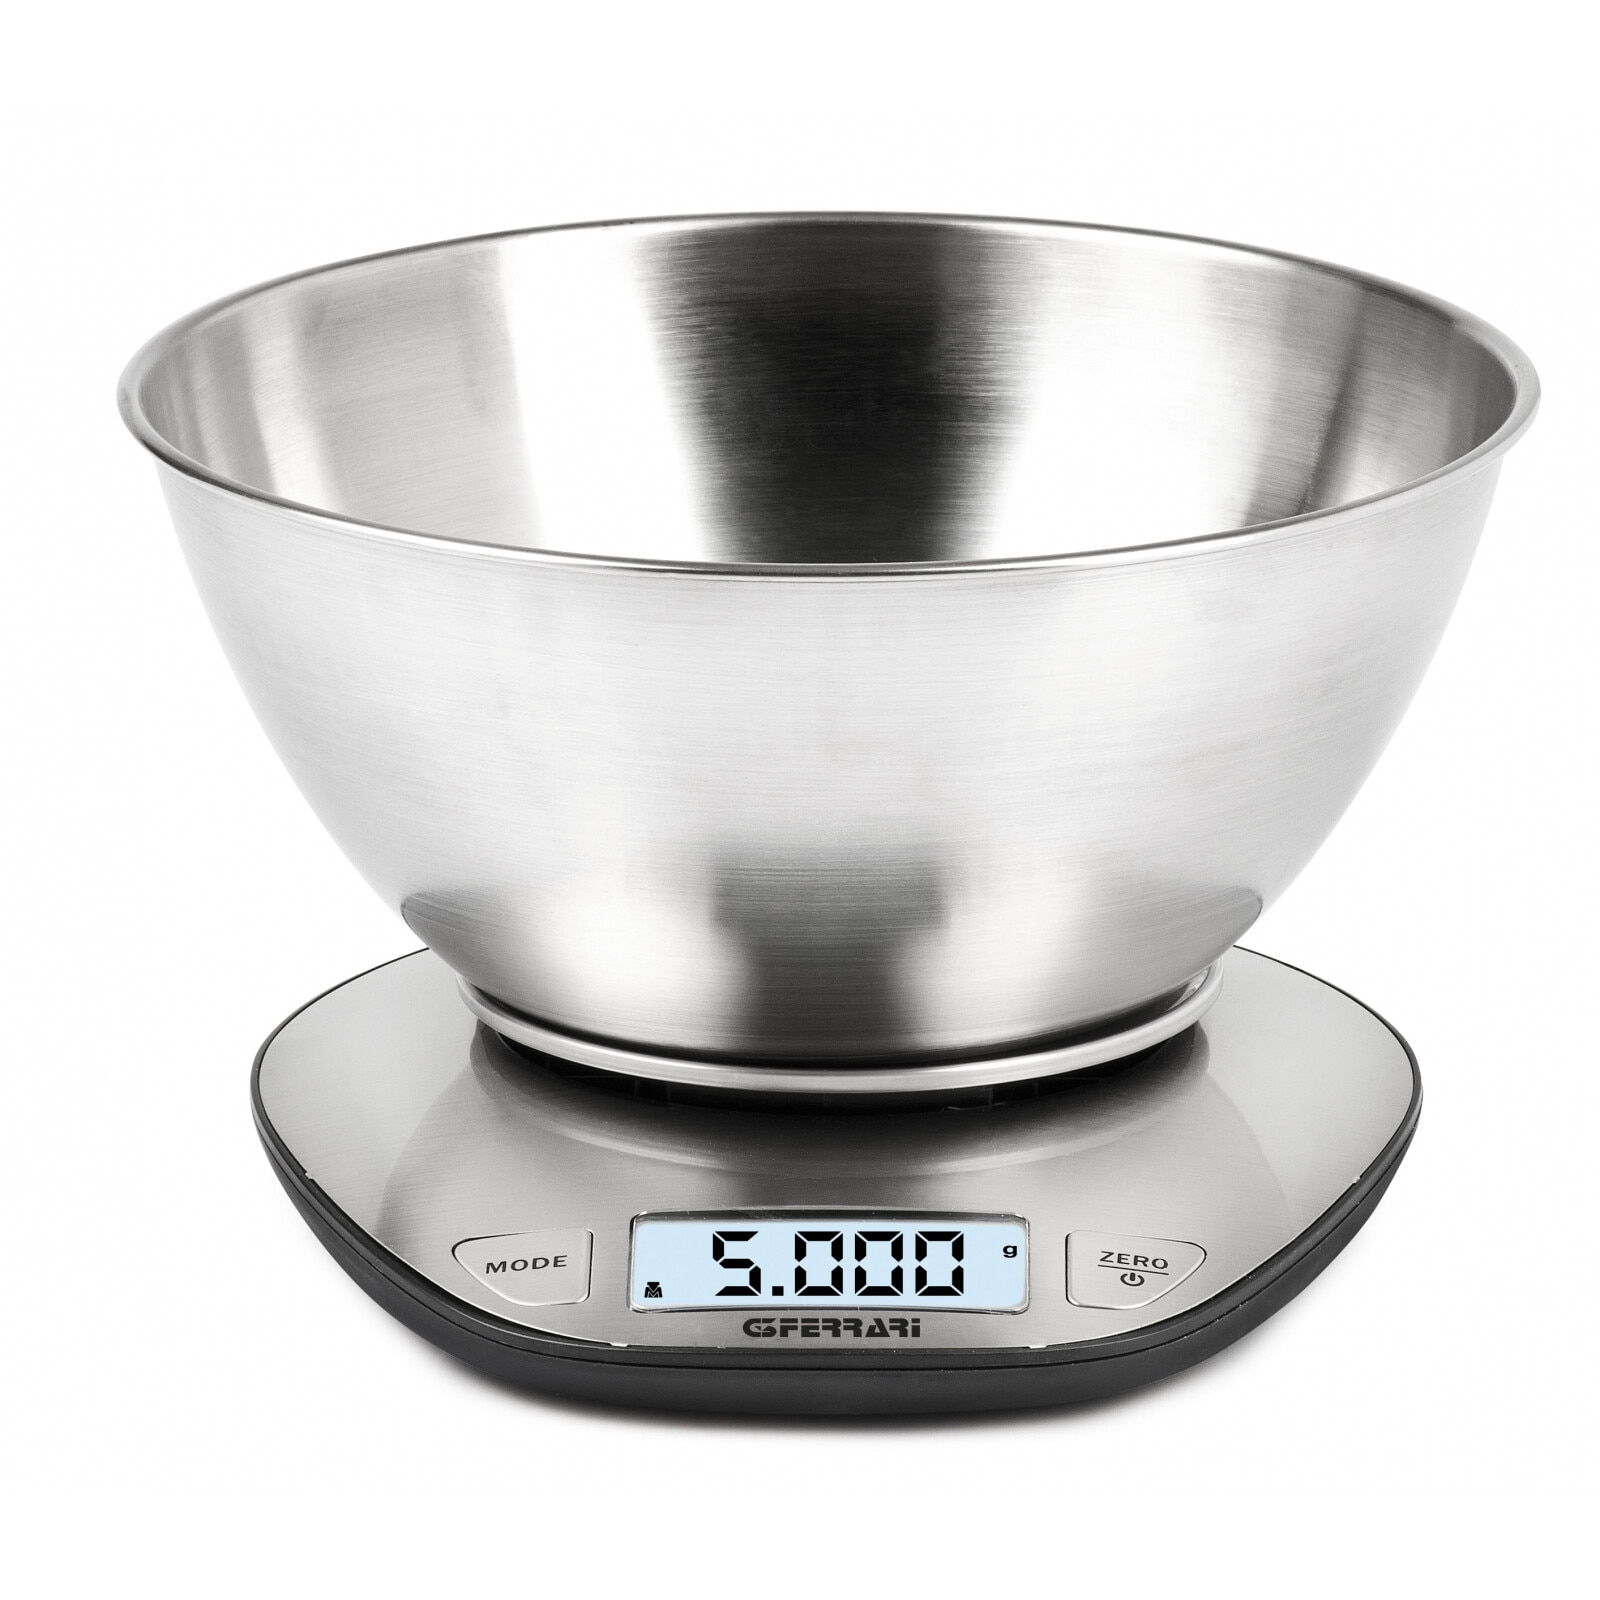 pierdere în greutate cântare de bucătărie)